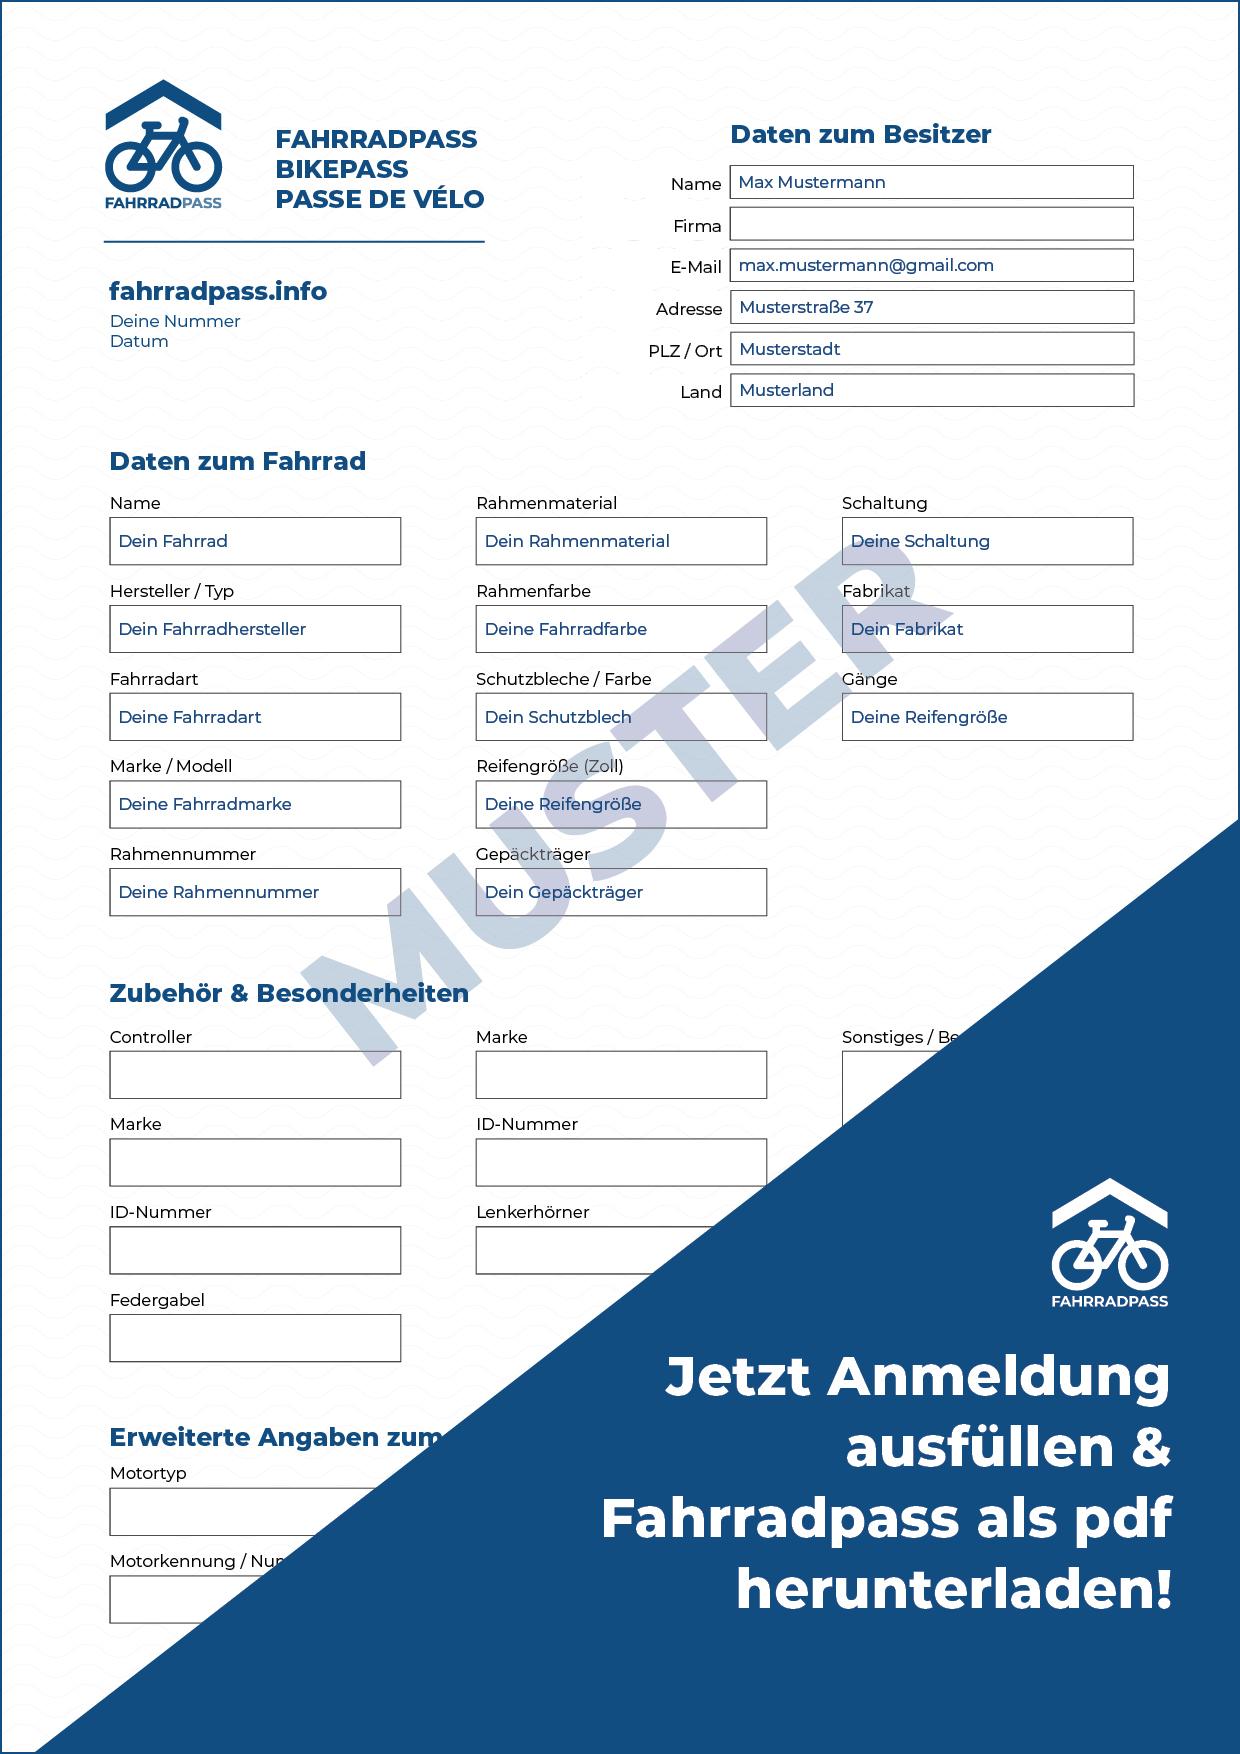 Fahrradpass Muster PDF ▷ Registrierung für neue ✚ gebrauchte Fahrräder ➥ Fahrradpass erstellen ✚ Fahrradprofil freischalten ➤ Dein Fahrradausweis ✓